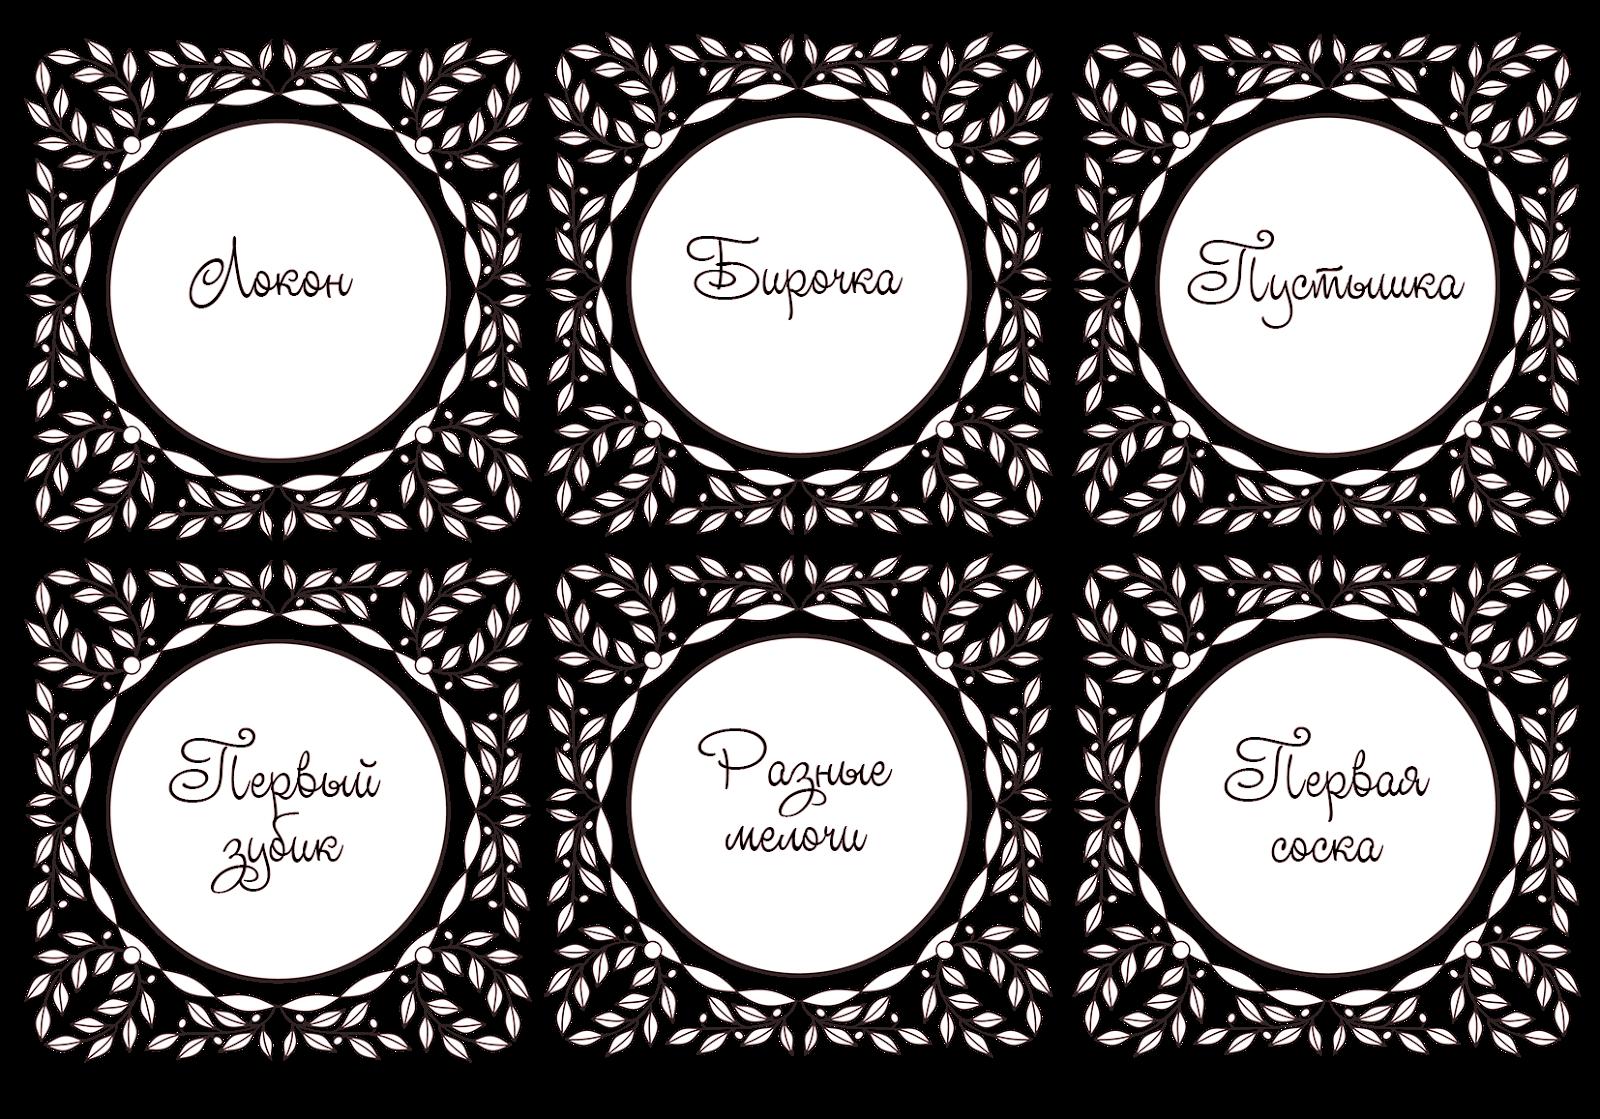 Мамины сокровища надписи.